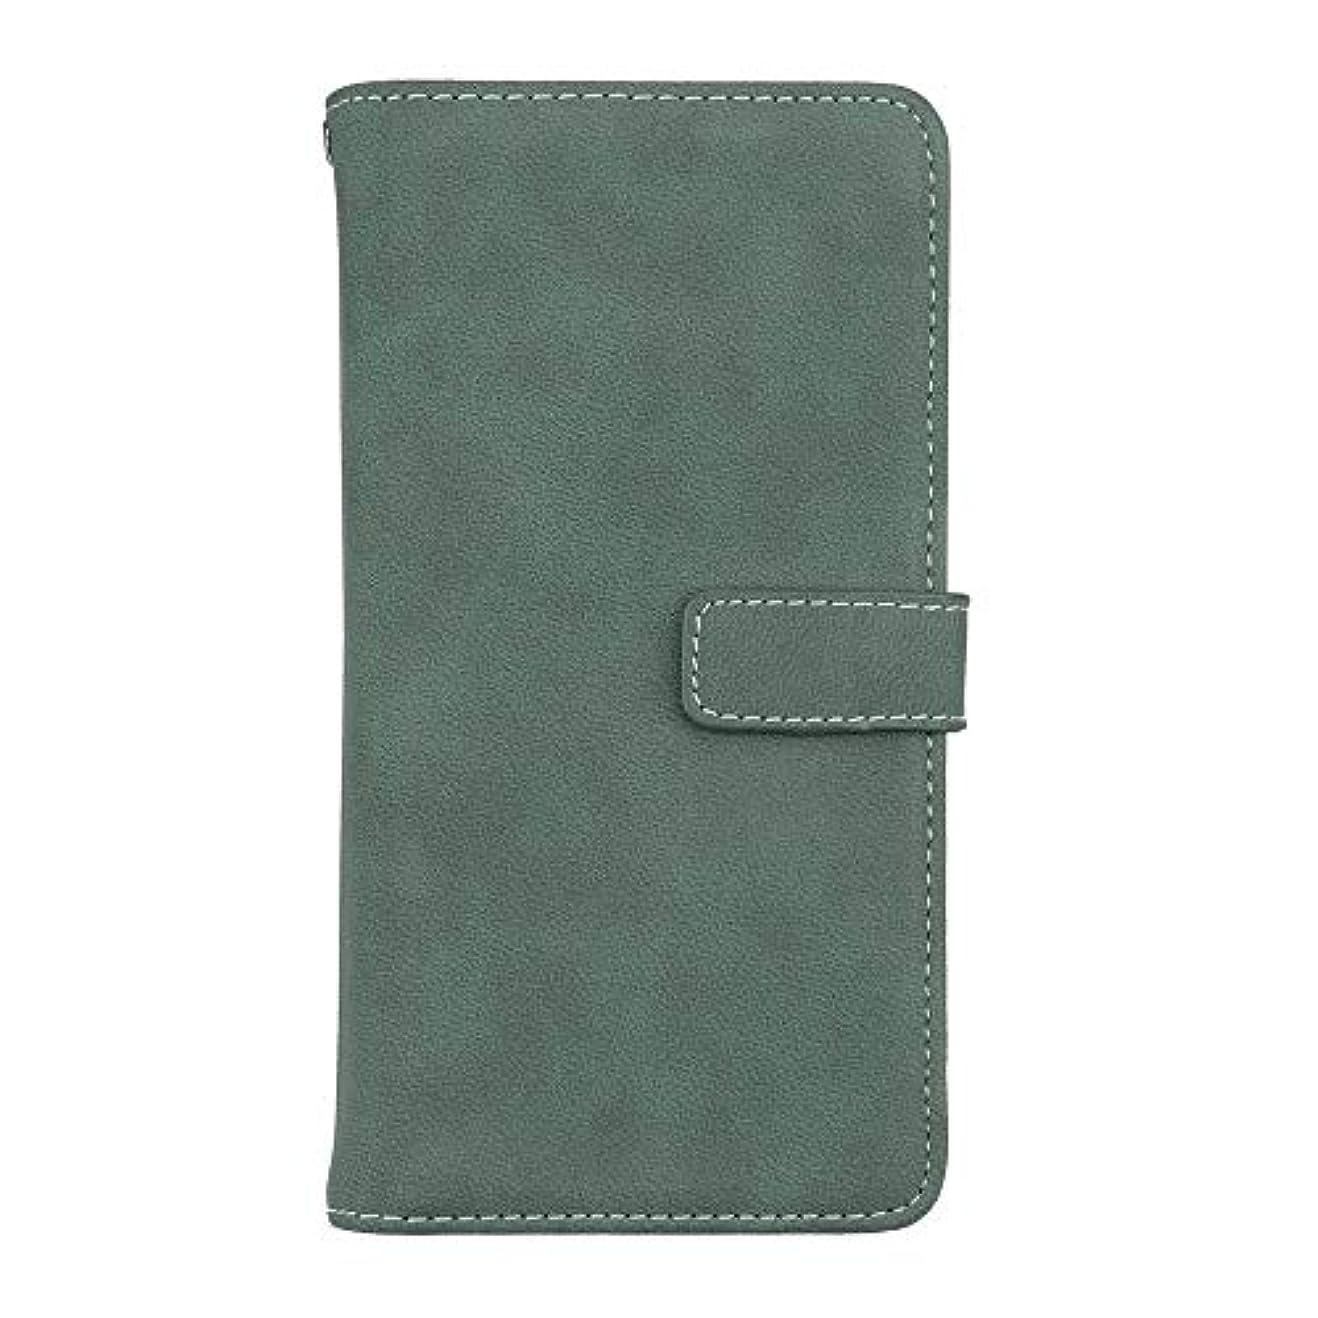 その間バングわずかなXiaomi Redmi Note 5 高品質 マグネット ケース, CUNUS 携帯電話 ケース 軽量 柔軟 高品質 耐摩擦 カード収納 カバー Xiaomi Redmi Note 5 用, グリーン